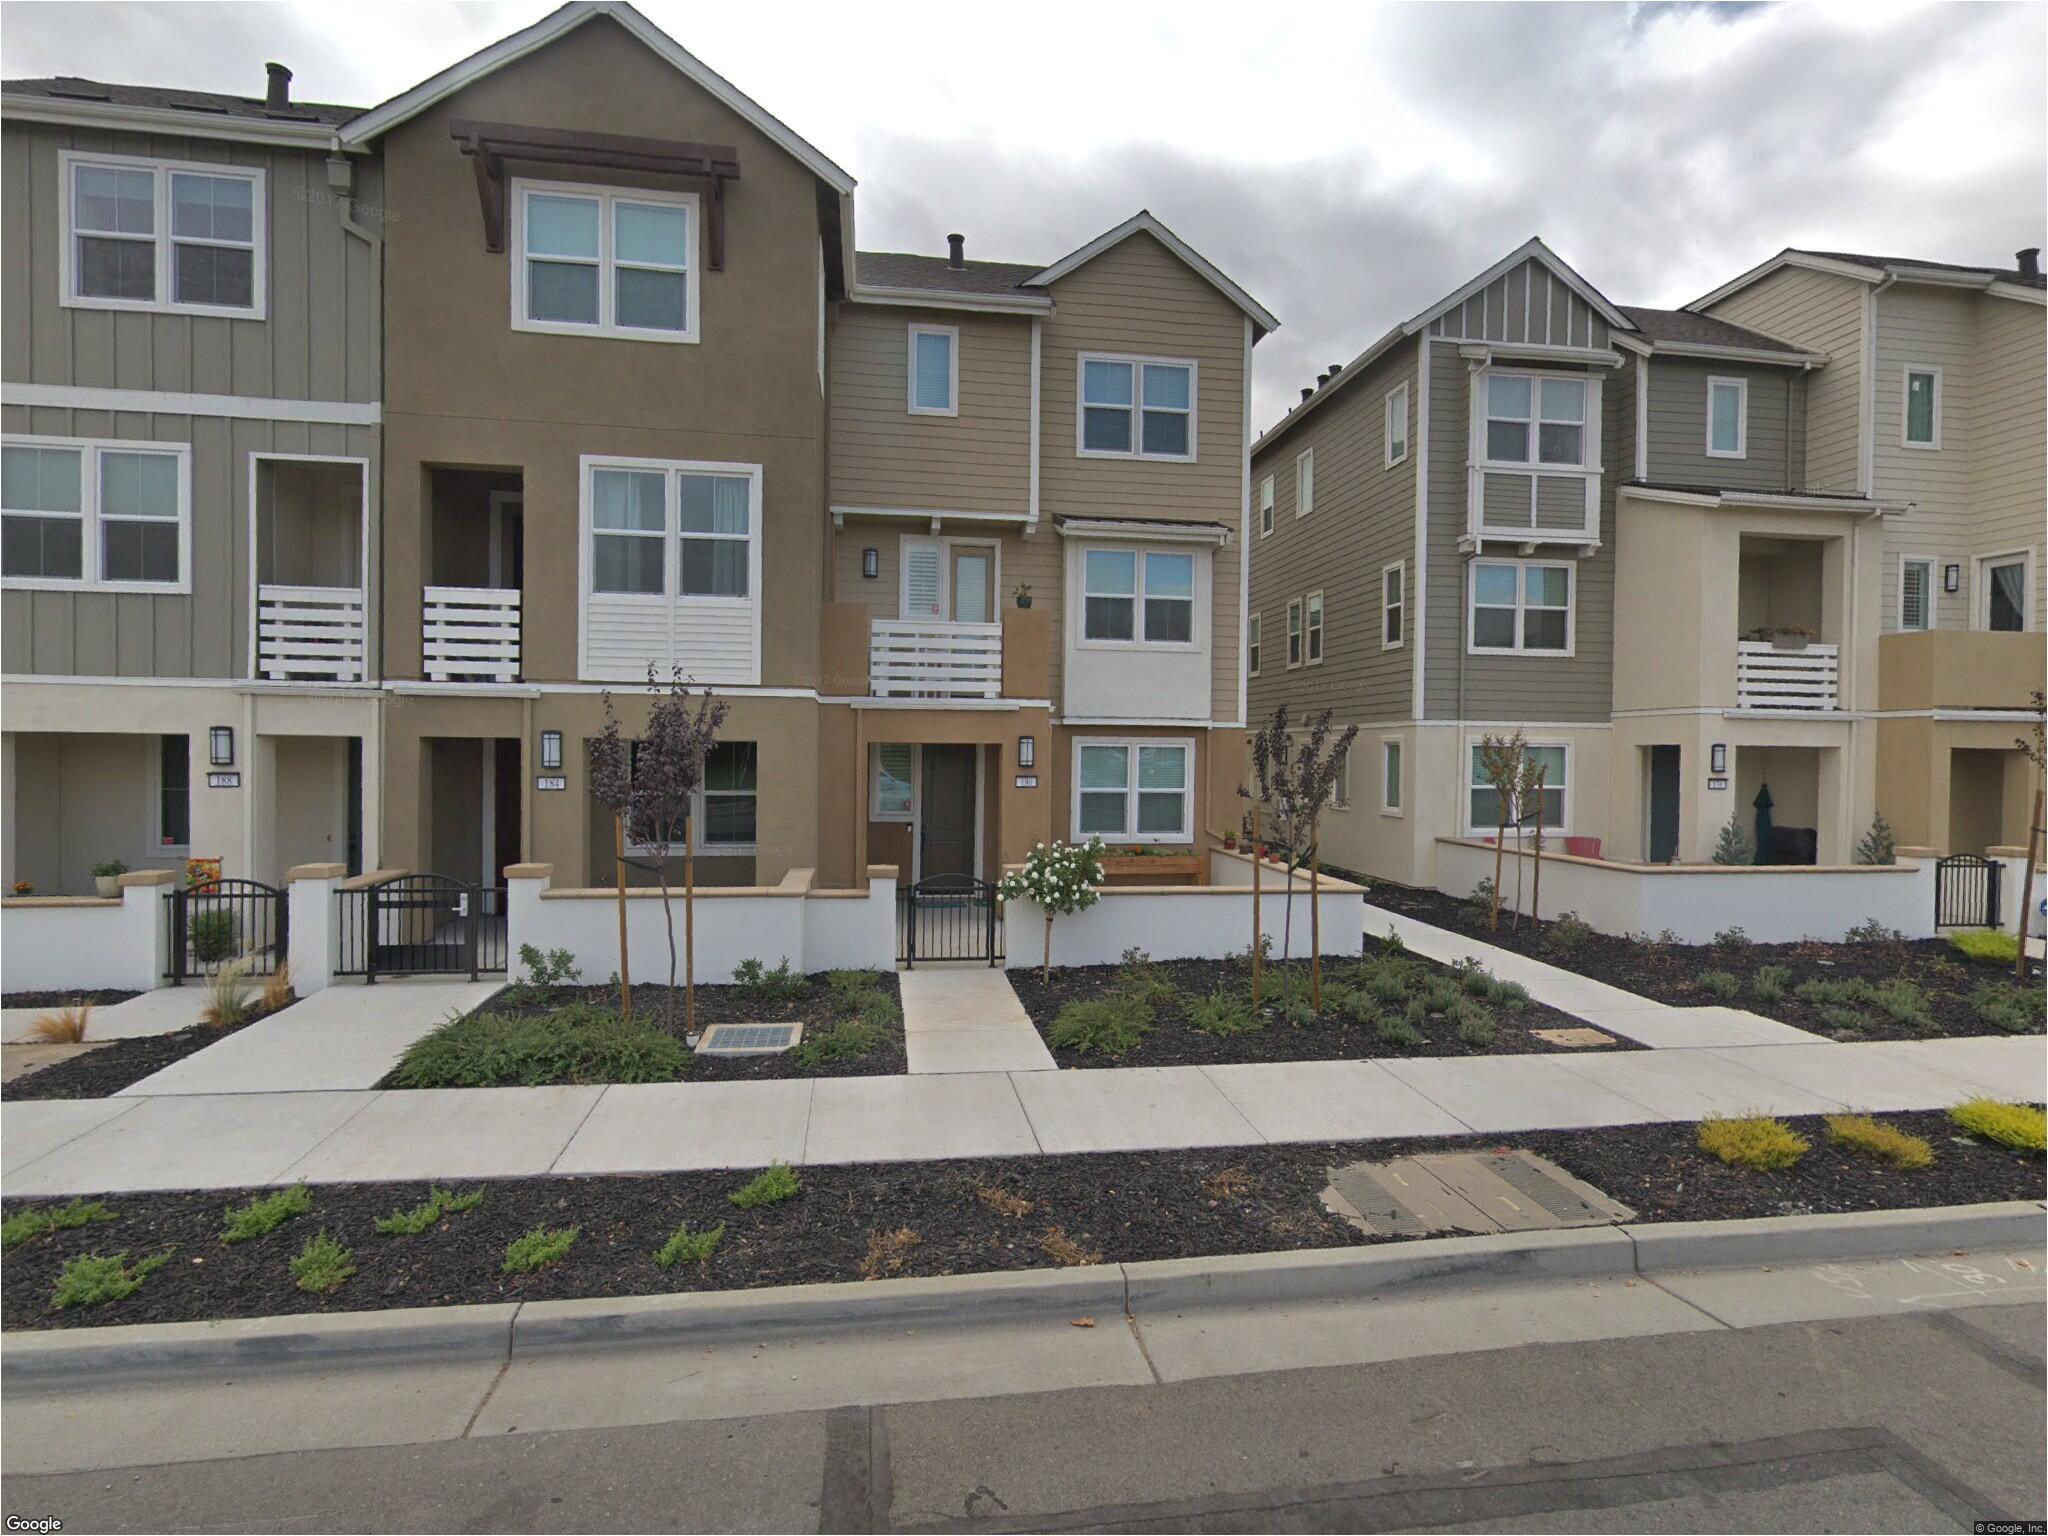 Homes for Sale In Morgan Hill Ca 180 E Main Ave Morgan Hill Ca 95037 Trulia